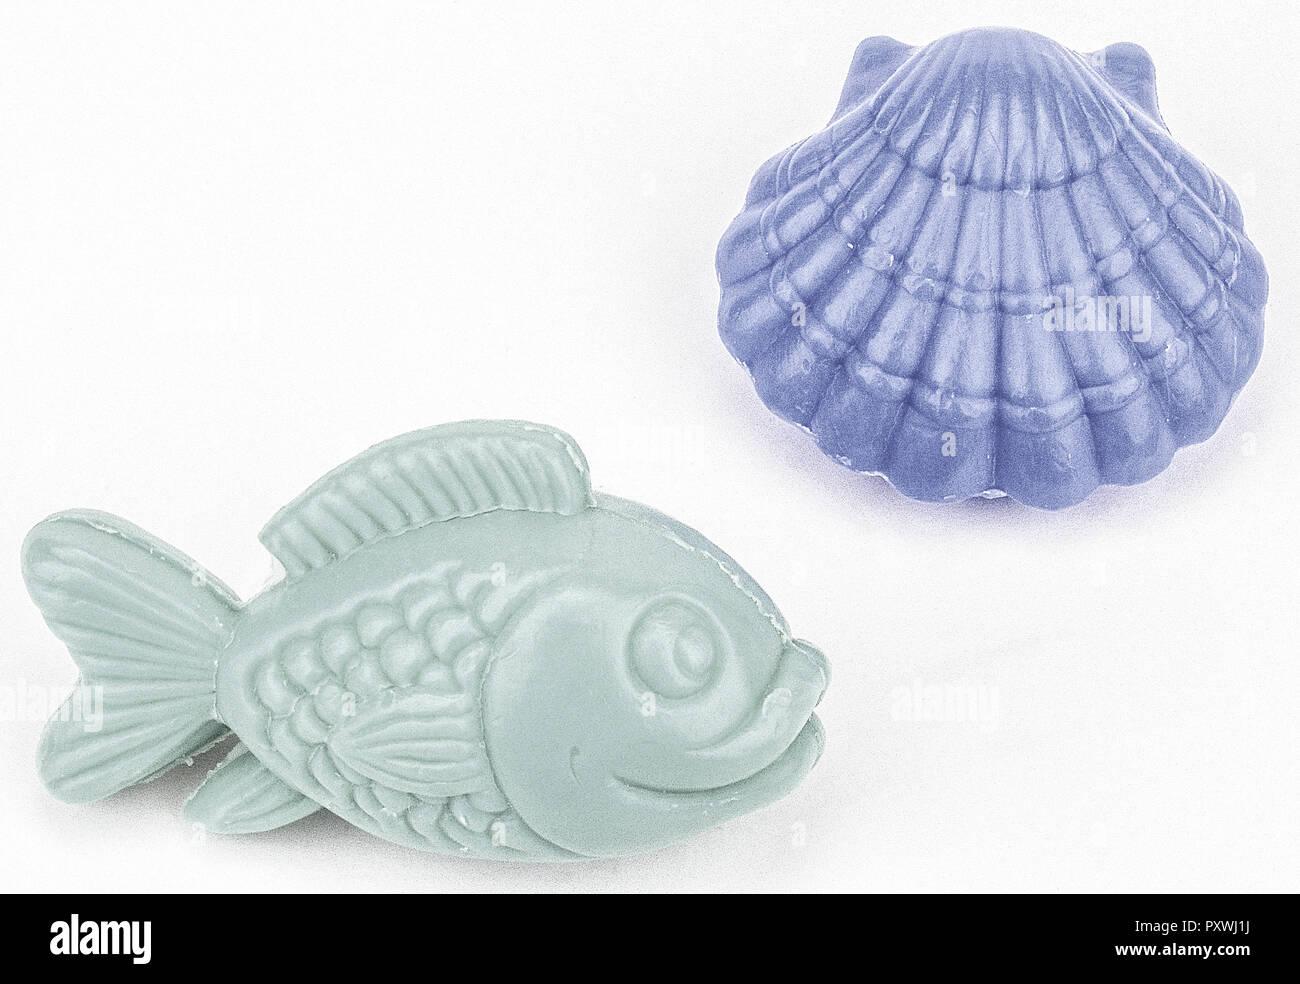 Zwei Seifenstuecke in Fisch-Und Muschel-Form Stockfoto